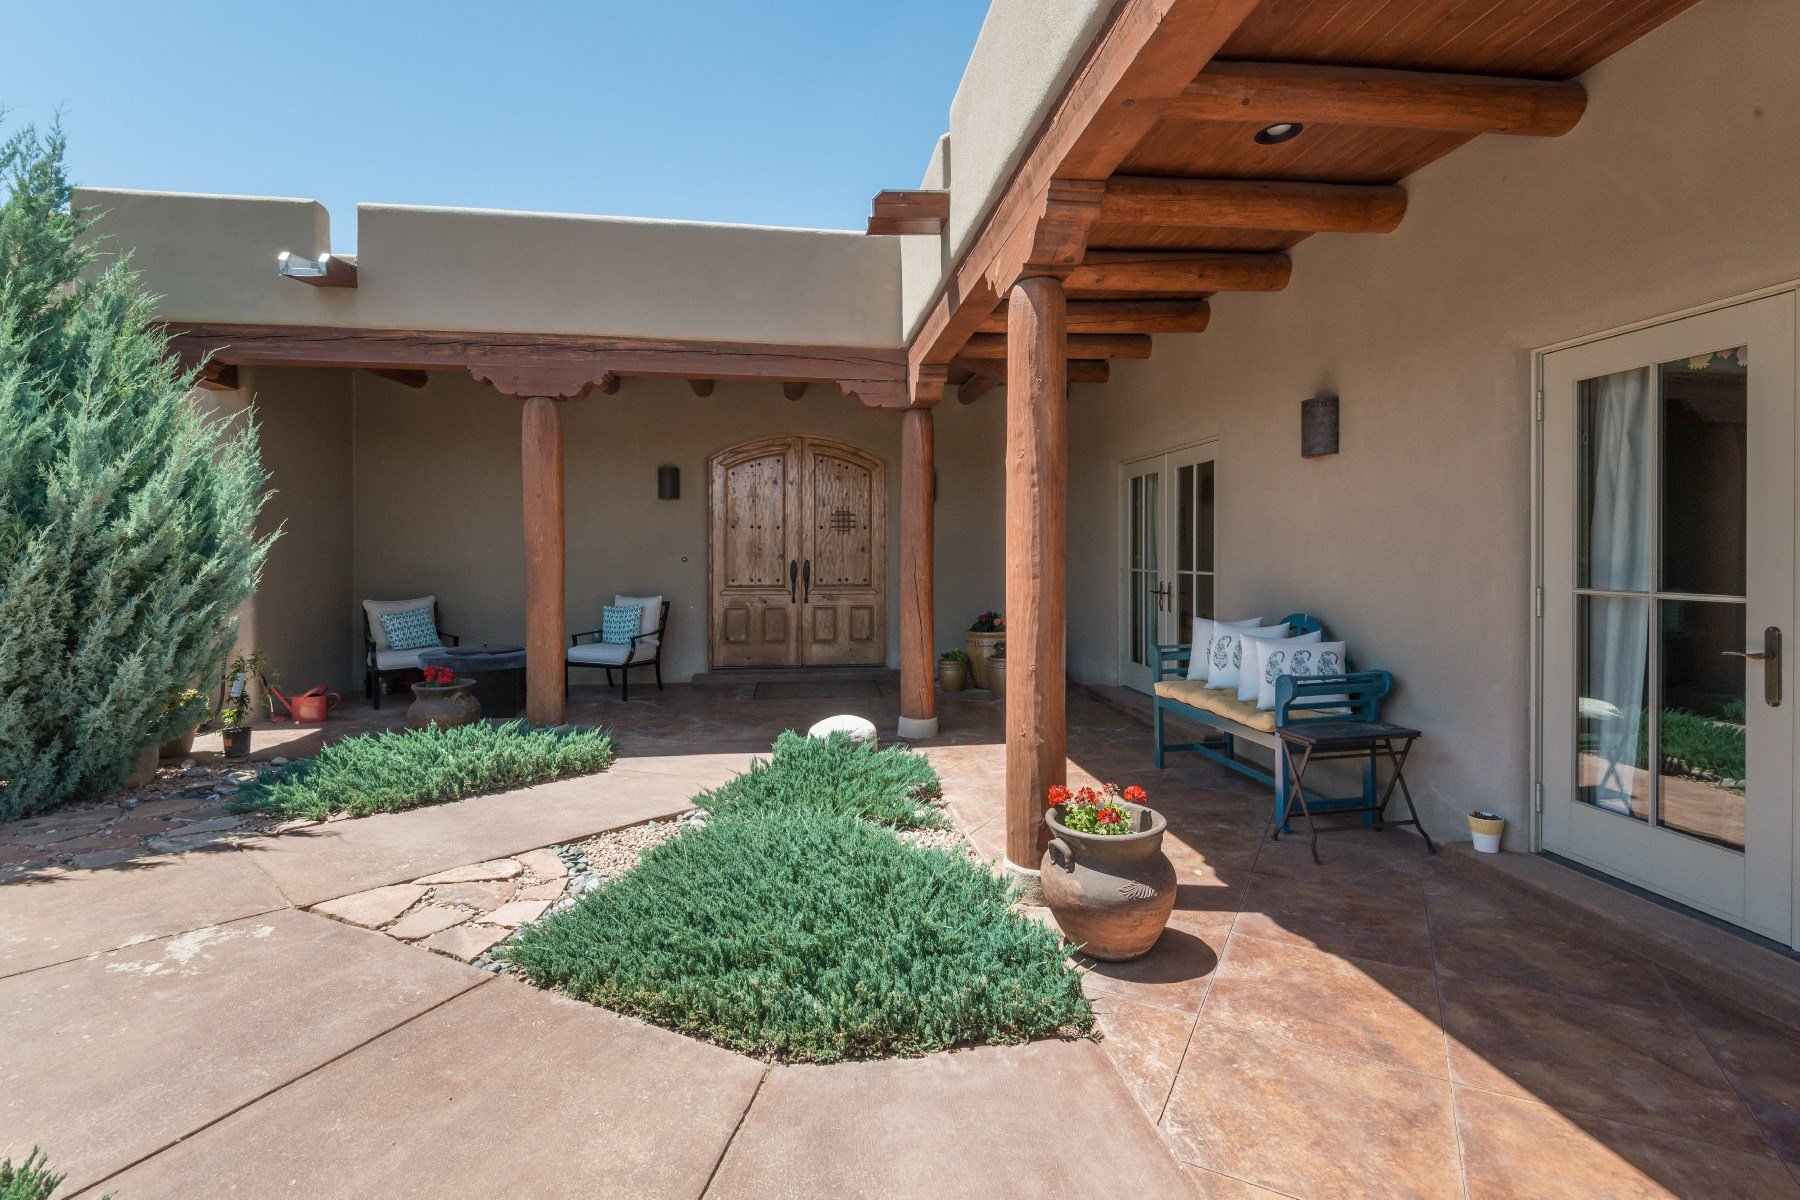 단독 가정 주택 용 매매 에 15 Calle de Montanas Santa Fe City Northwest, Santa Fe, 뉴멕시코, 87507 미국